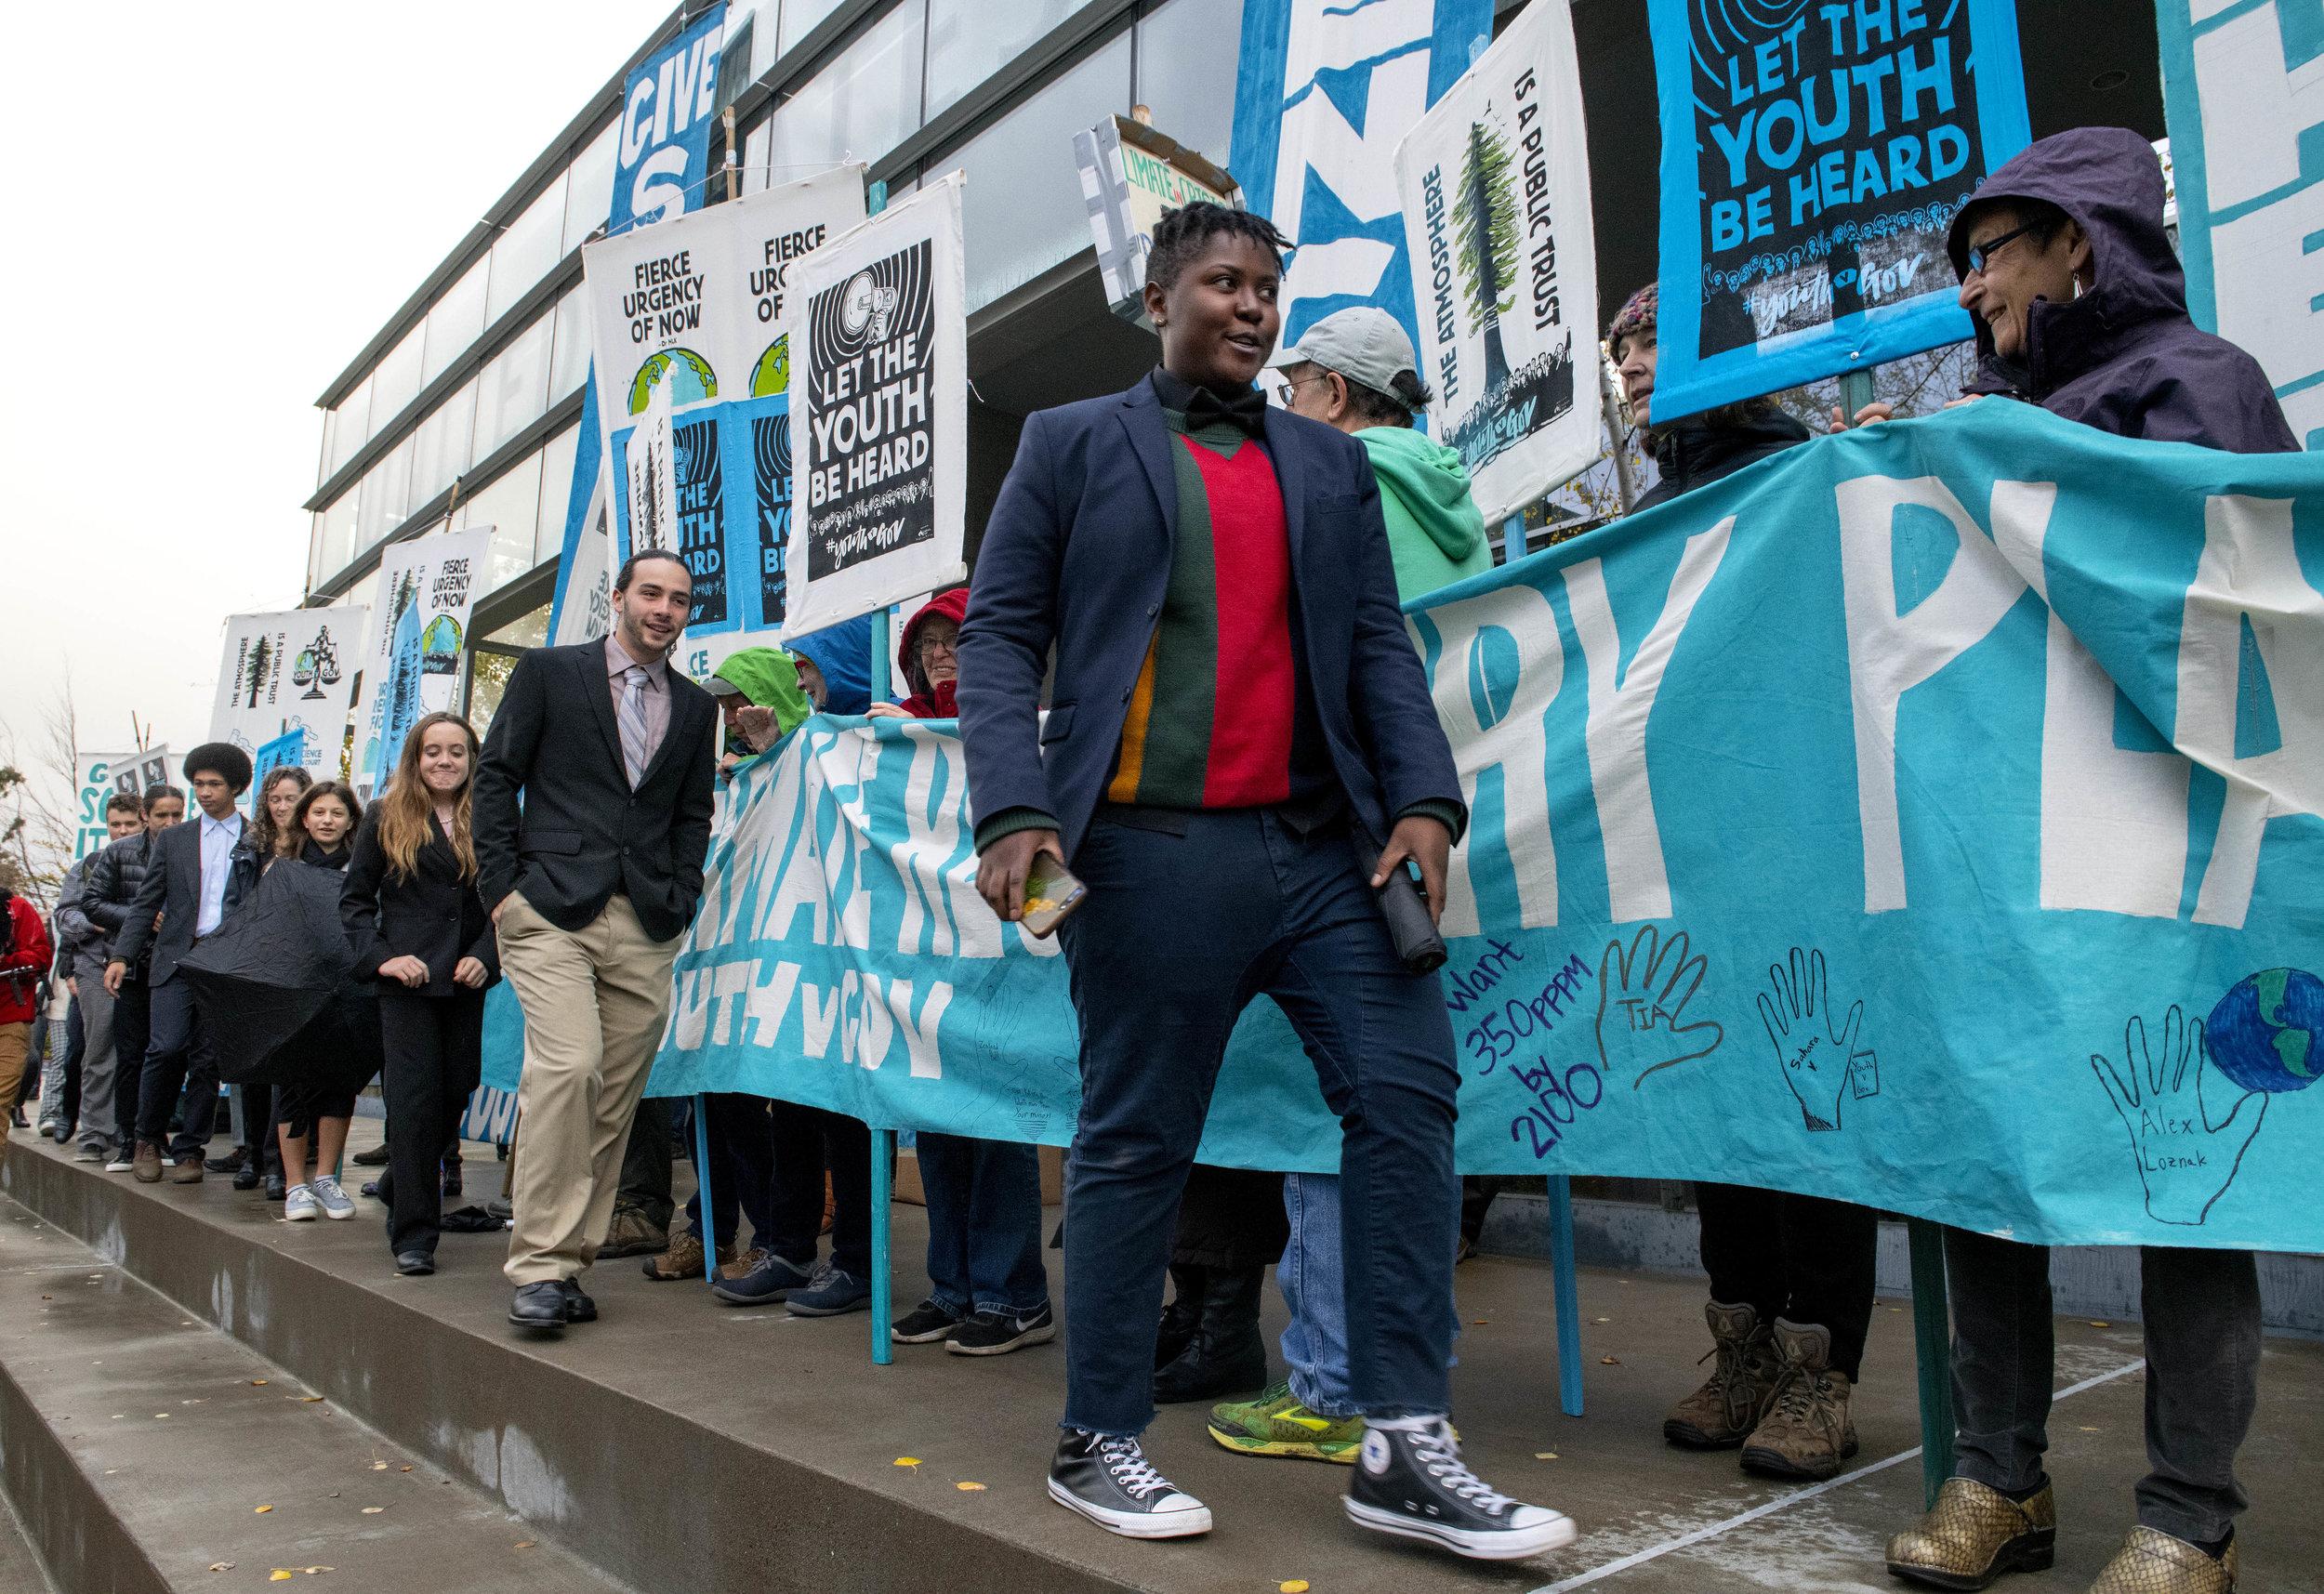 Vic en una manifestación en Eugene, Oregon, Estados Unidos. Foto por: Robin Loznak / Our Children's Trust